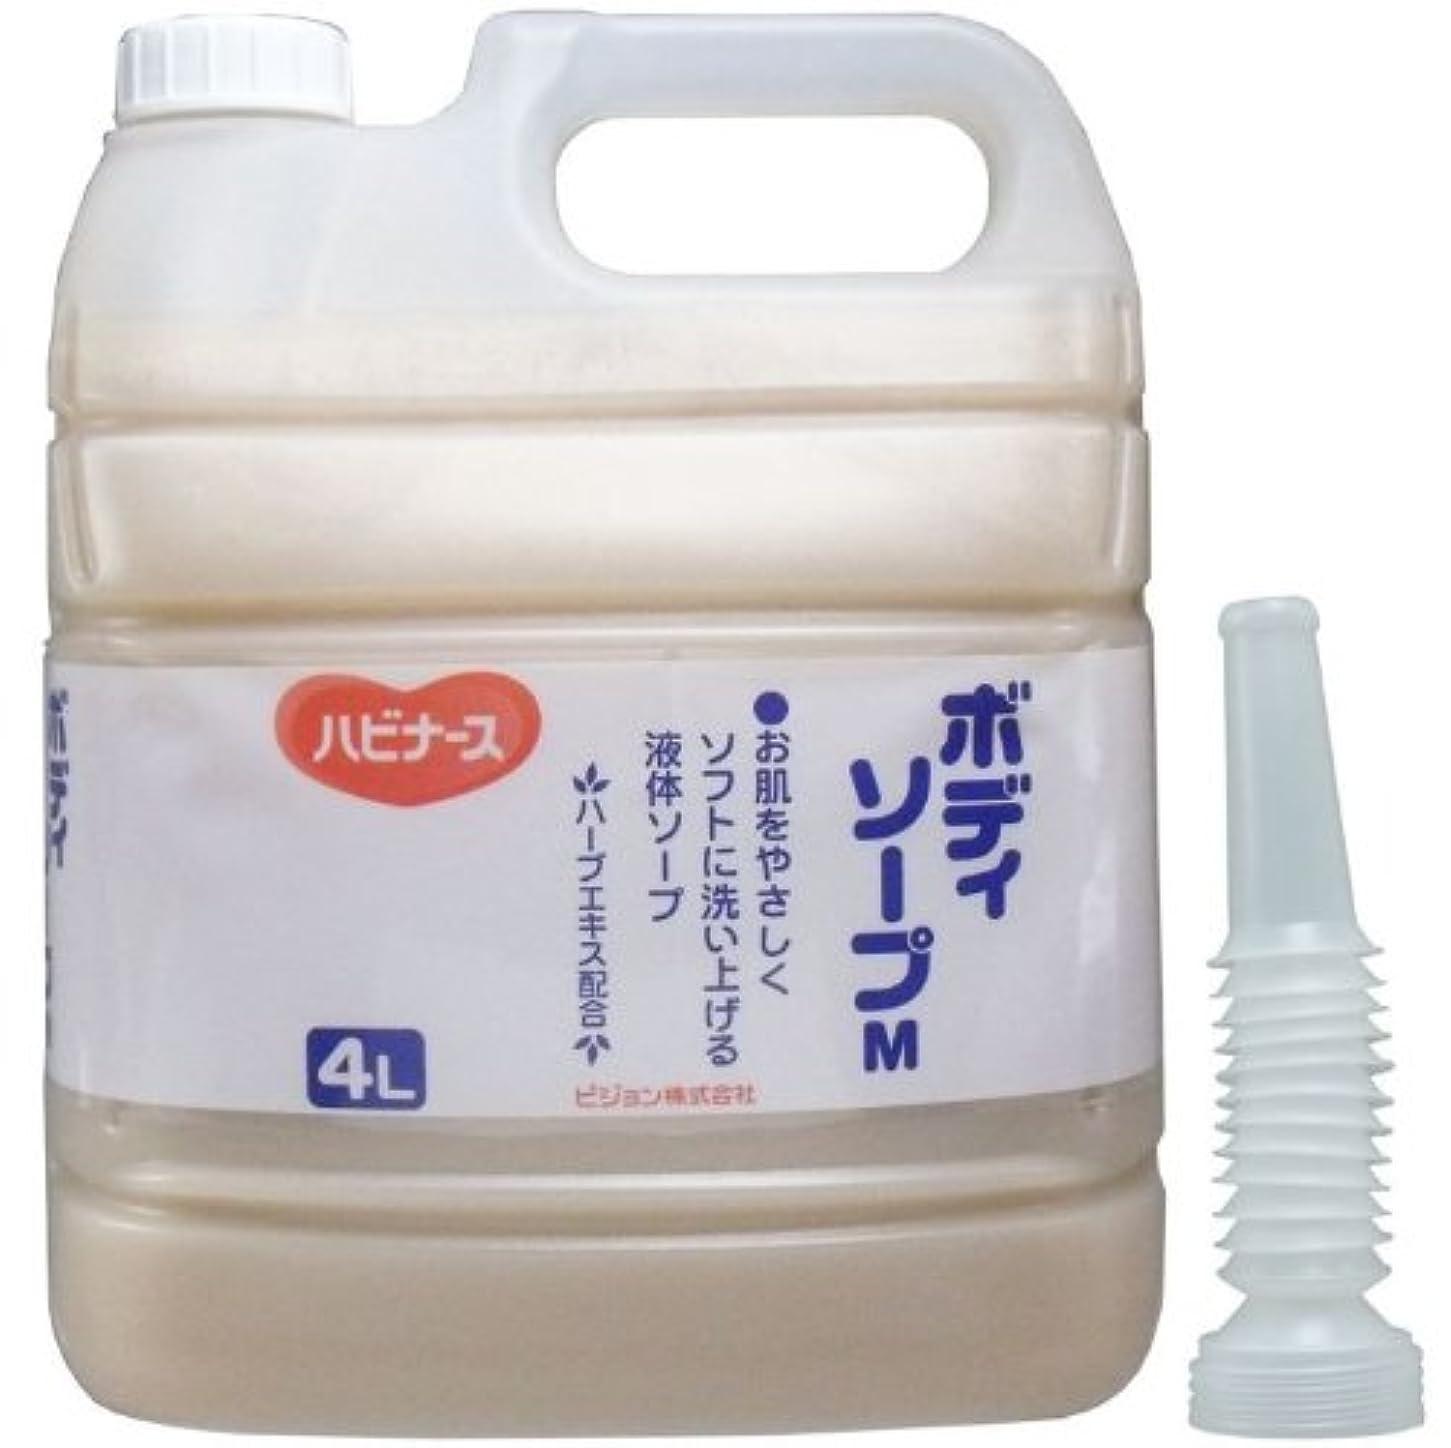 悪夢不毛の売る液体ソープ ボディソープ 風呂 石ケン お肌をやさしくソフトに洗い上げる!業務用 4L